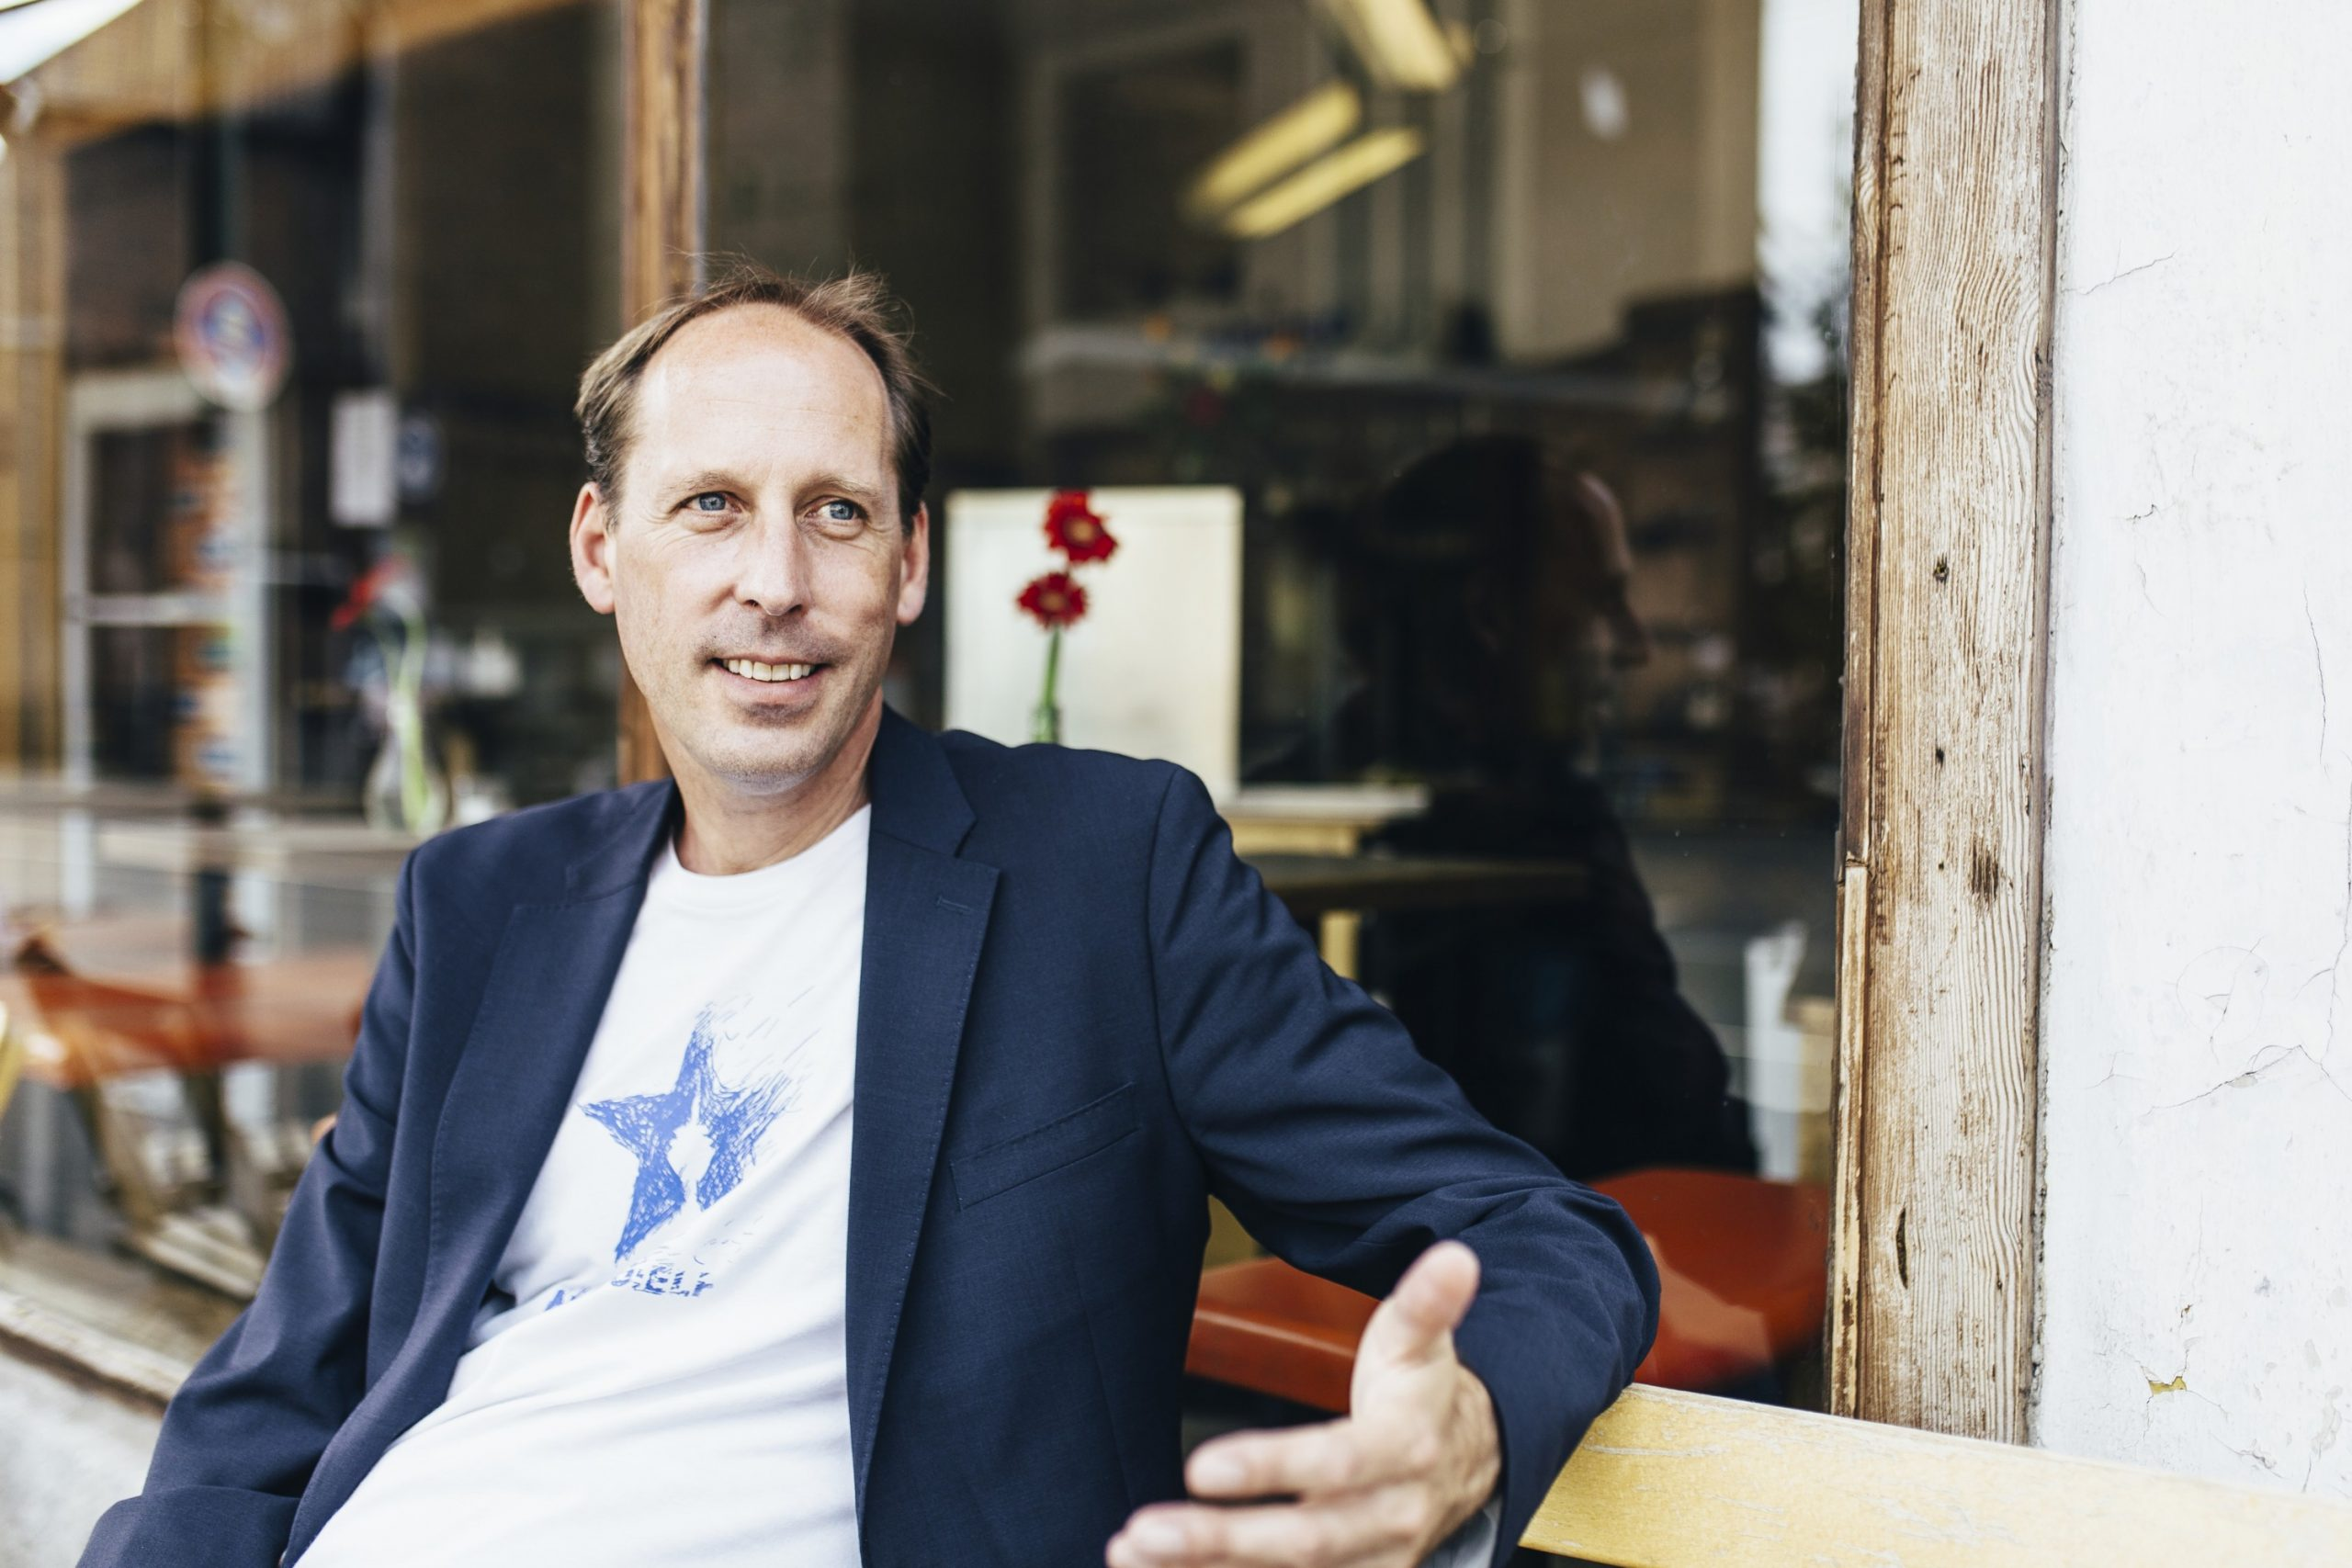 Vier Fragen an…Stefan Engstfeld (Bündnis 90/Die Grünen)